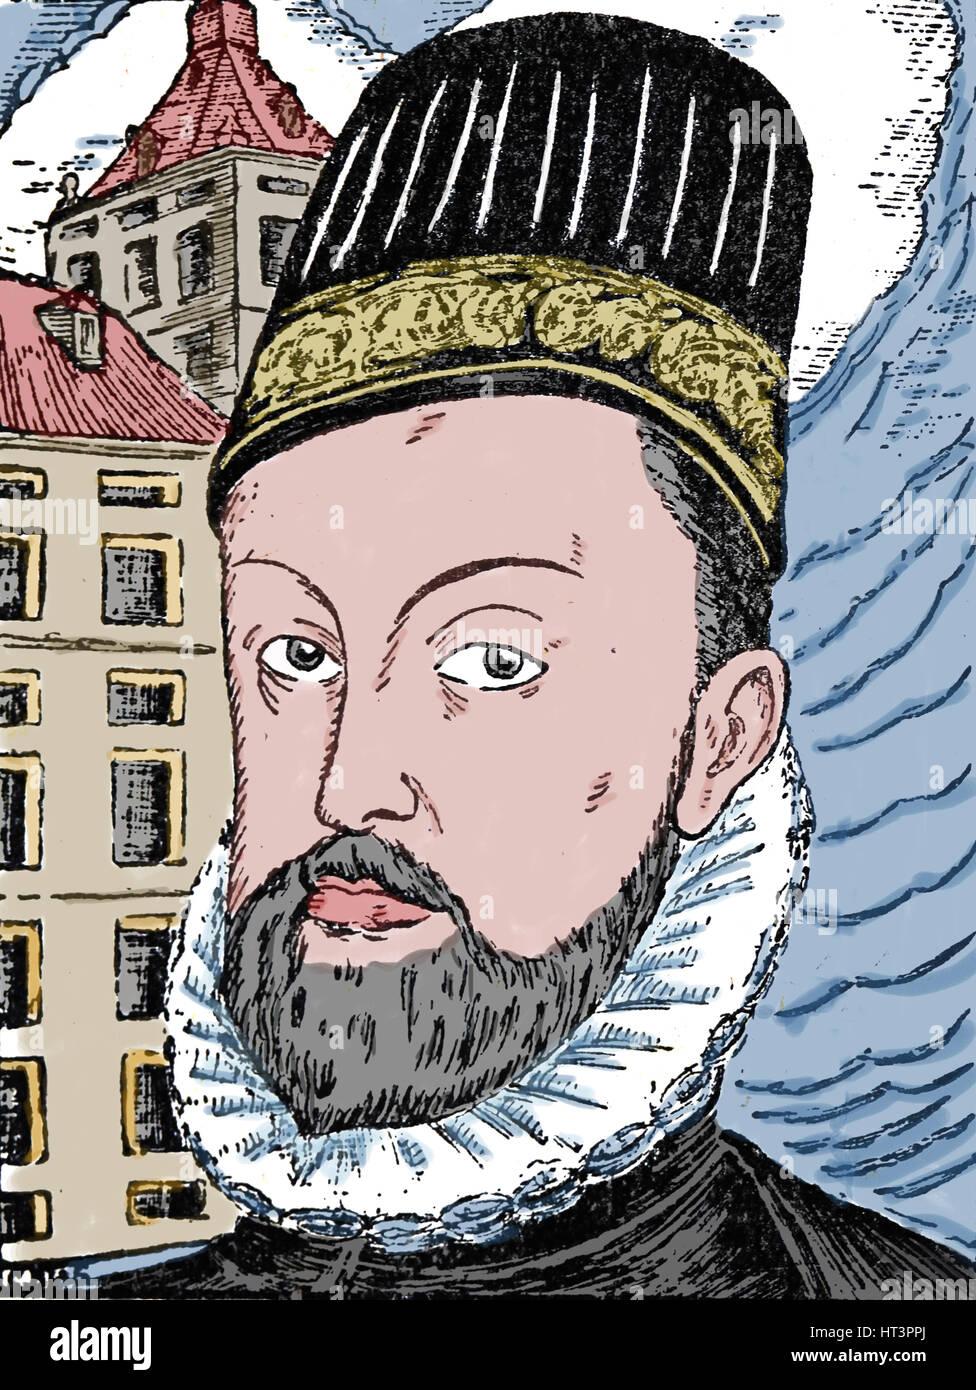 Philip II of Spain (1527-1598). King of Spain. Portrait. Engraving. - Stock Image